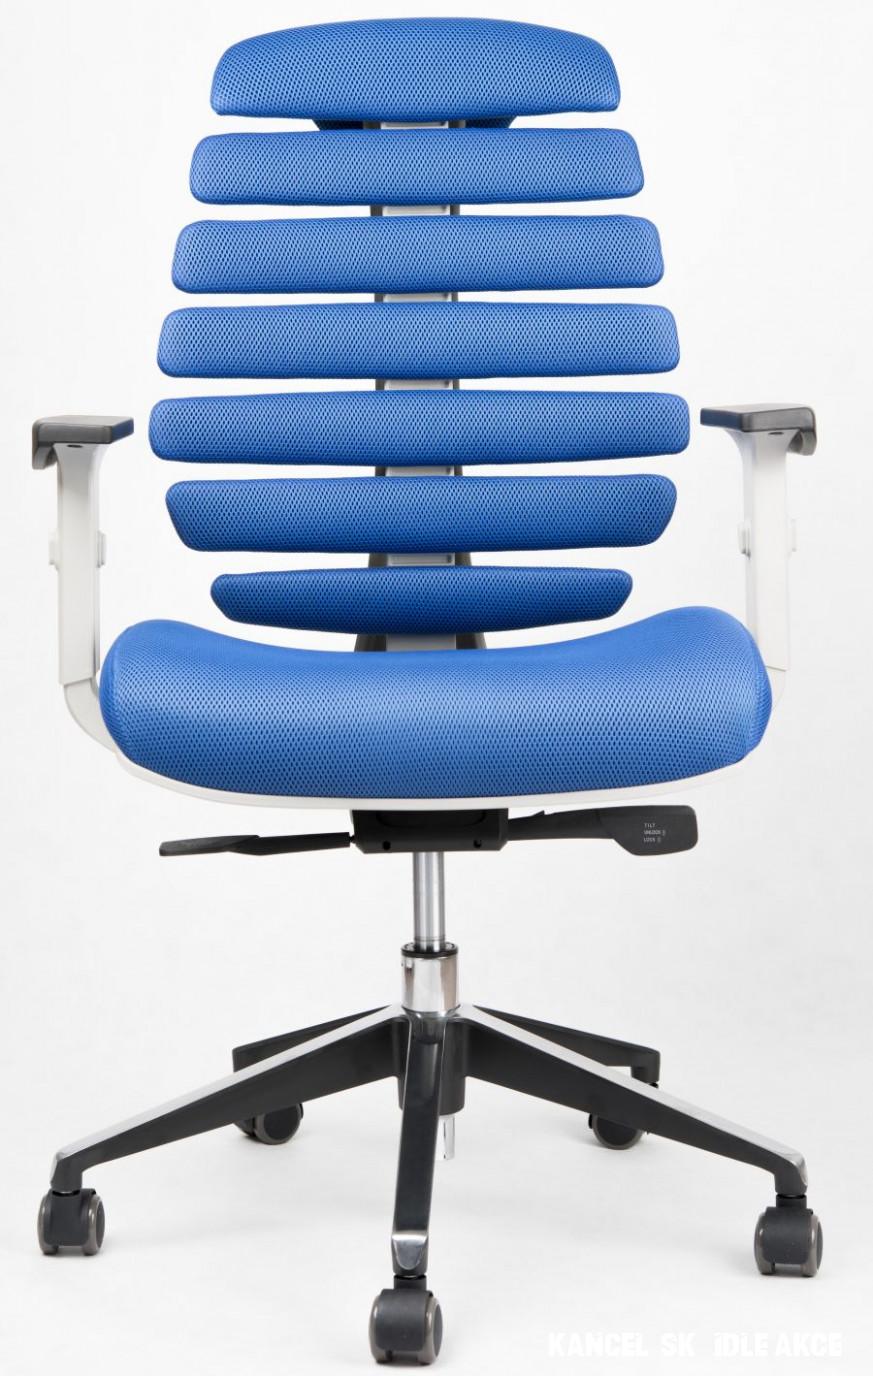 Příklad Napad Nejlepsi Kancelářské židle Akce